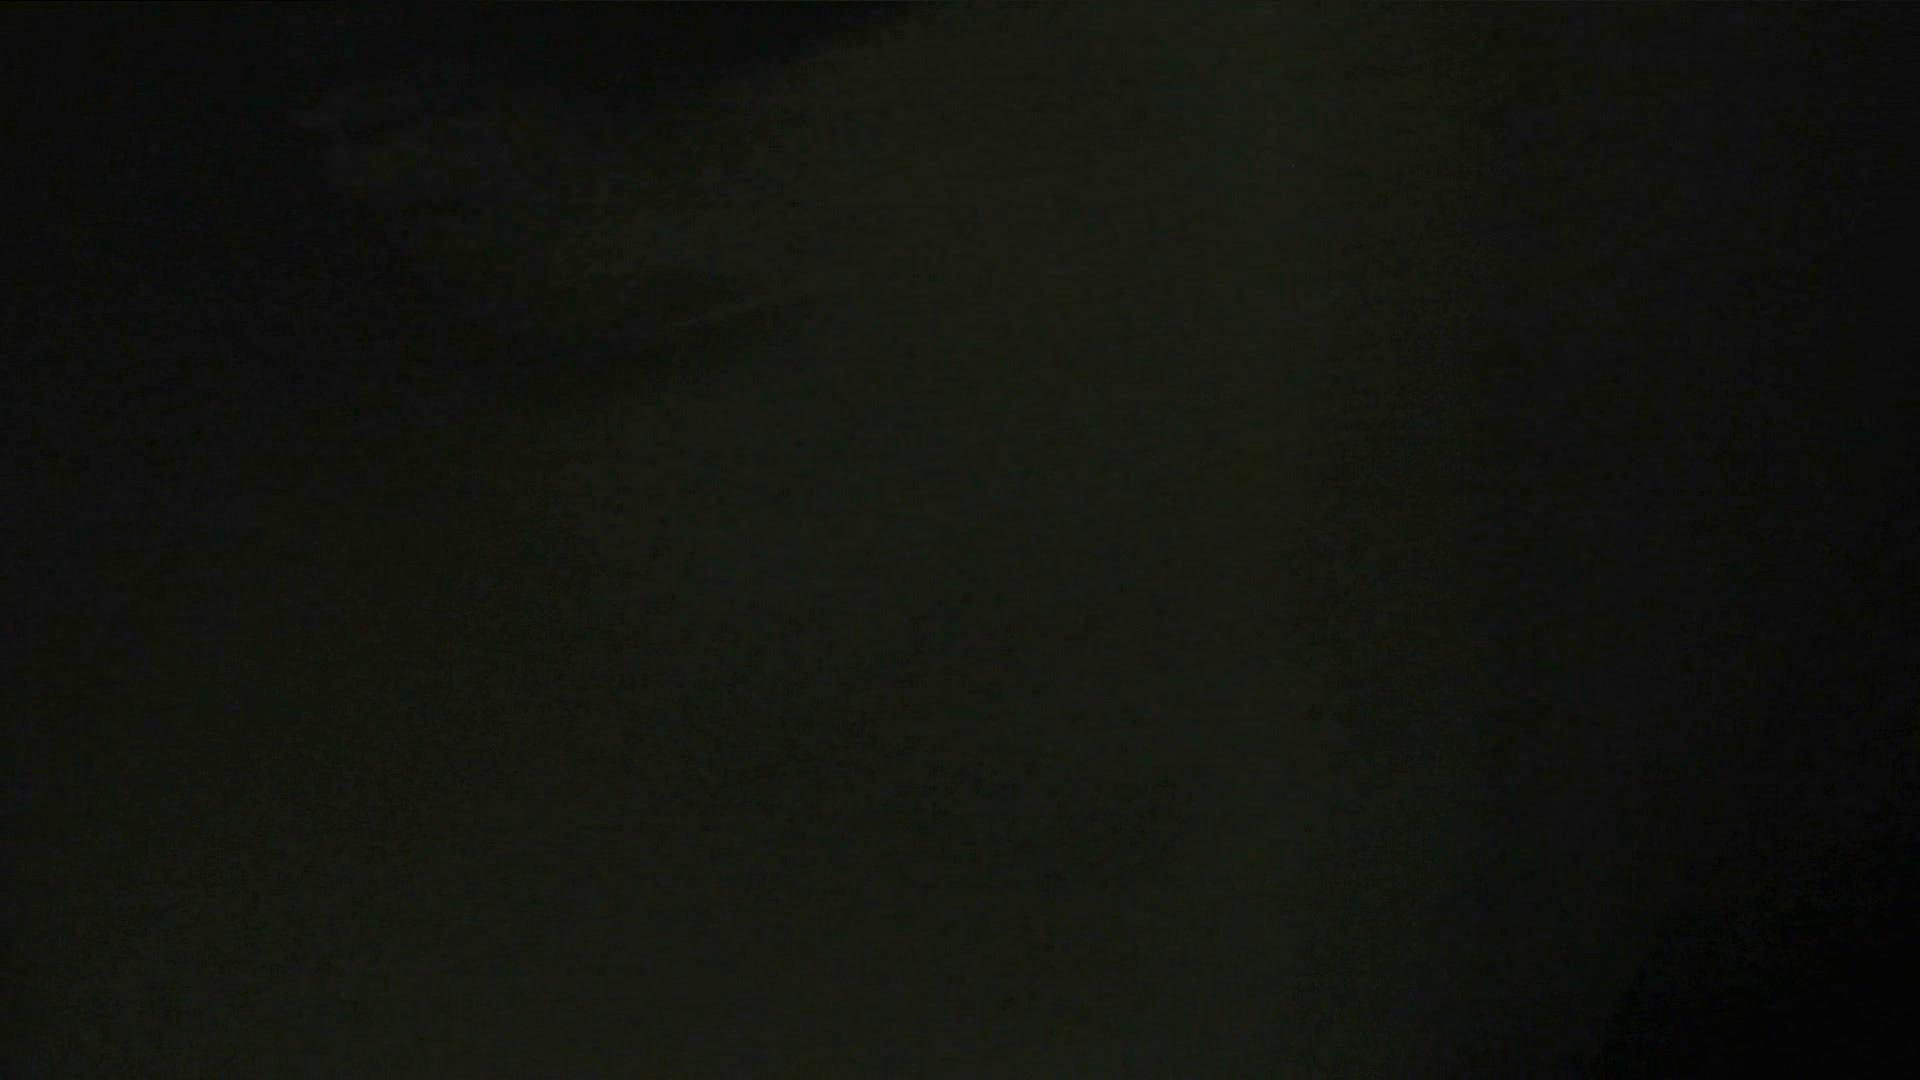 阿国ちゃんの「和式洋式七変化」No.10 和式 | 洗面所着替え  27連発 27